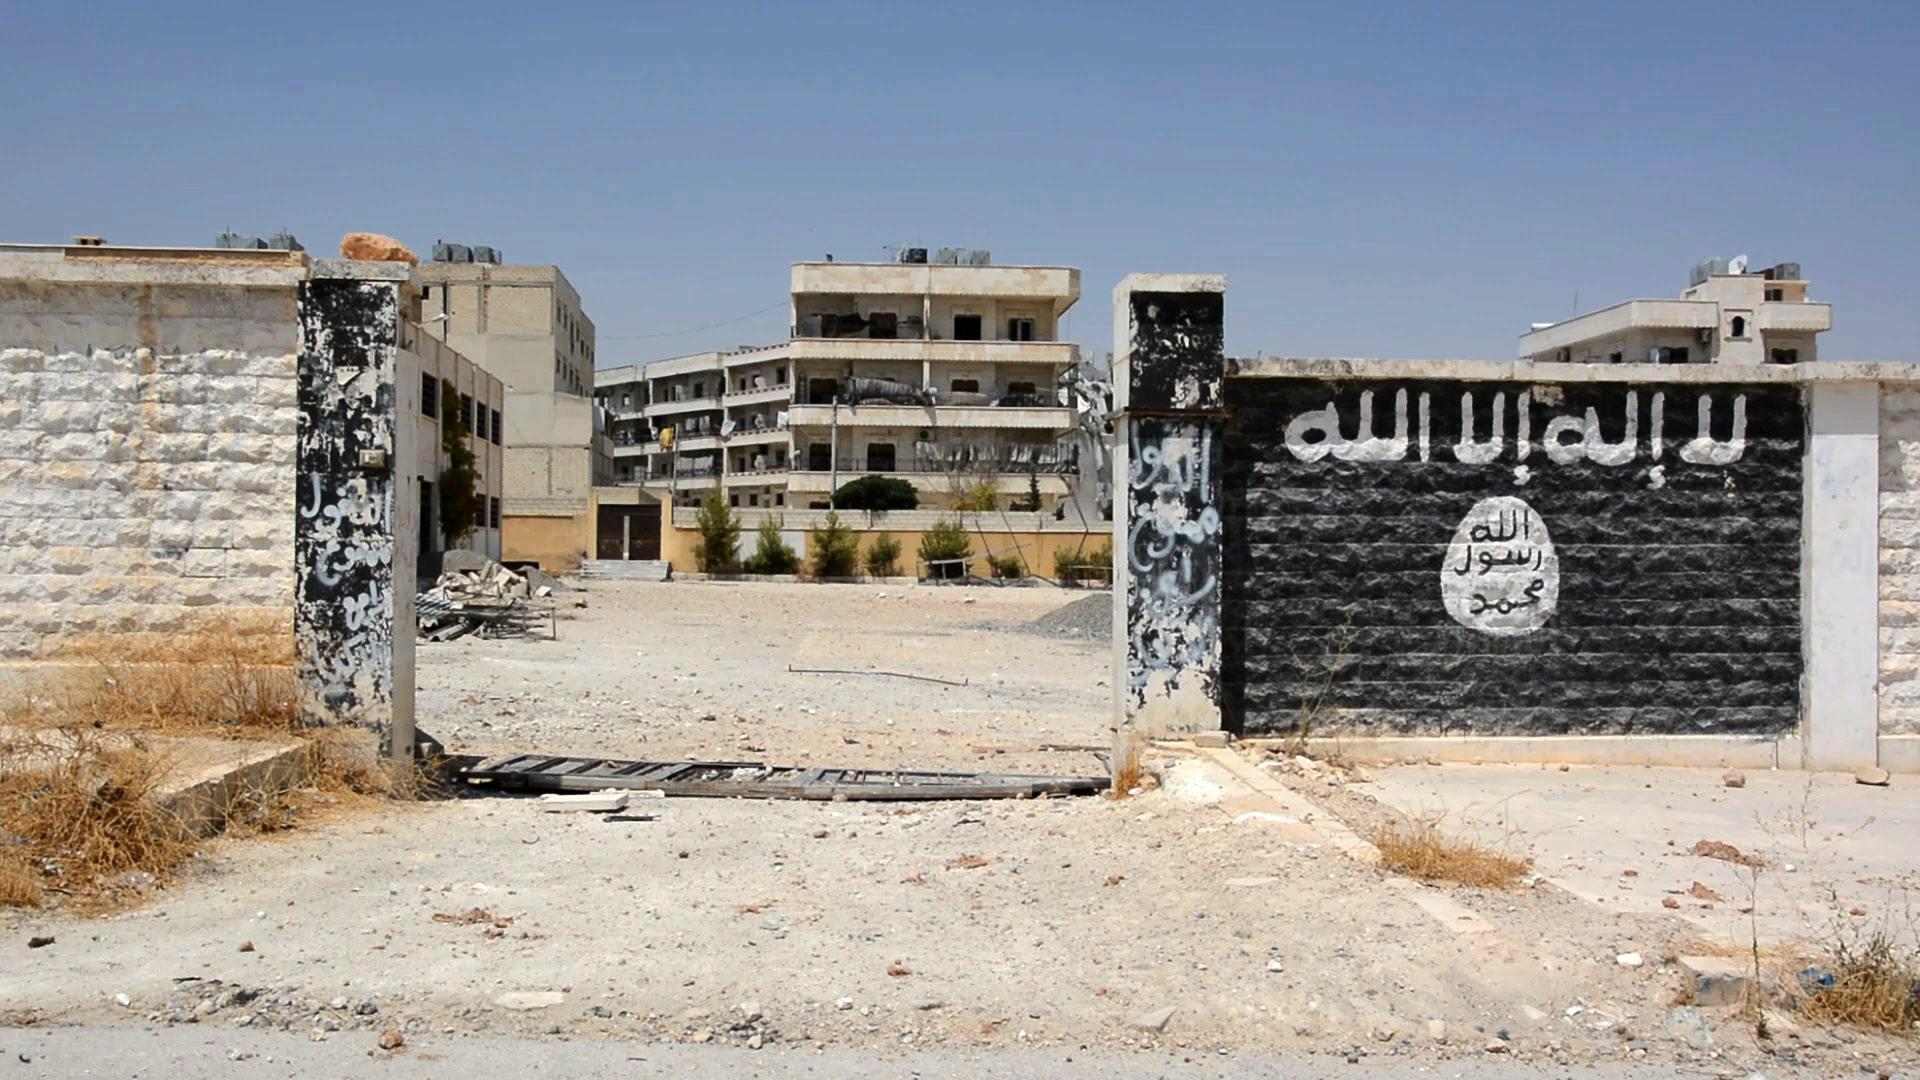 البنتاغون: للمرة الأولى.. عدد مقاتلي داعش المحتجزون في سوريا يتجاوز 800